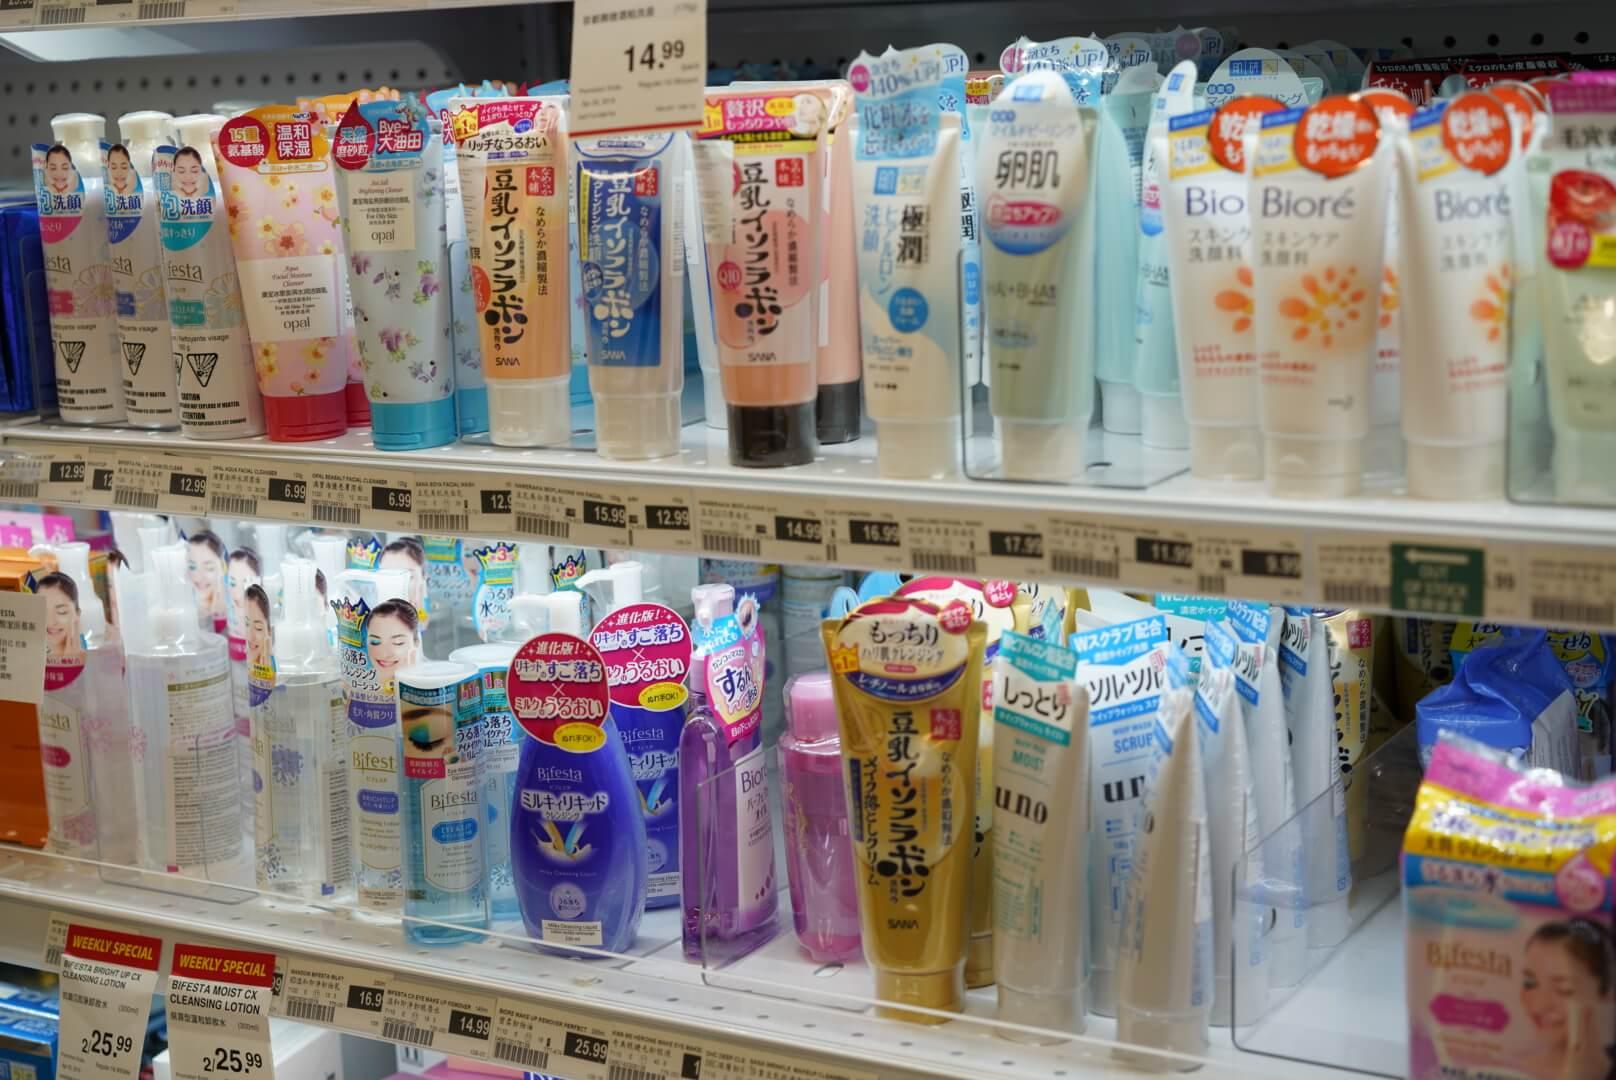 カナダのアジア系スーパー「T&T」の洗顔料